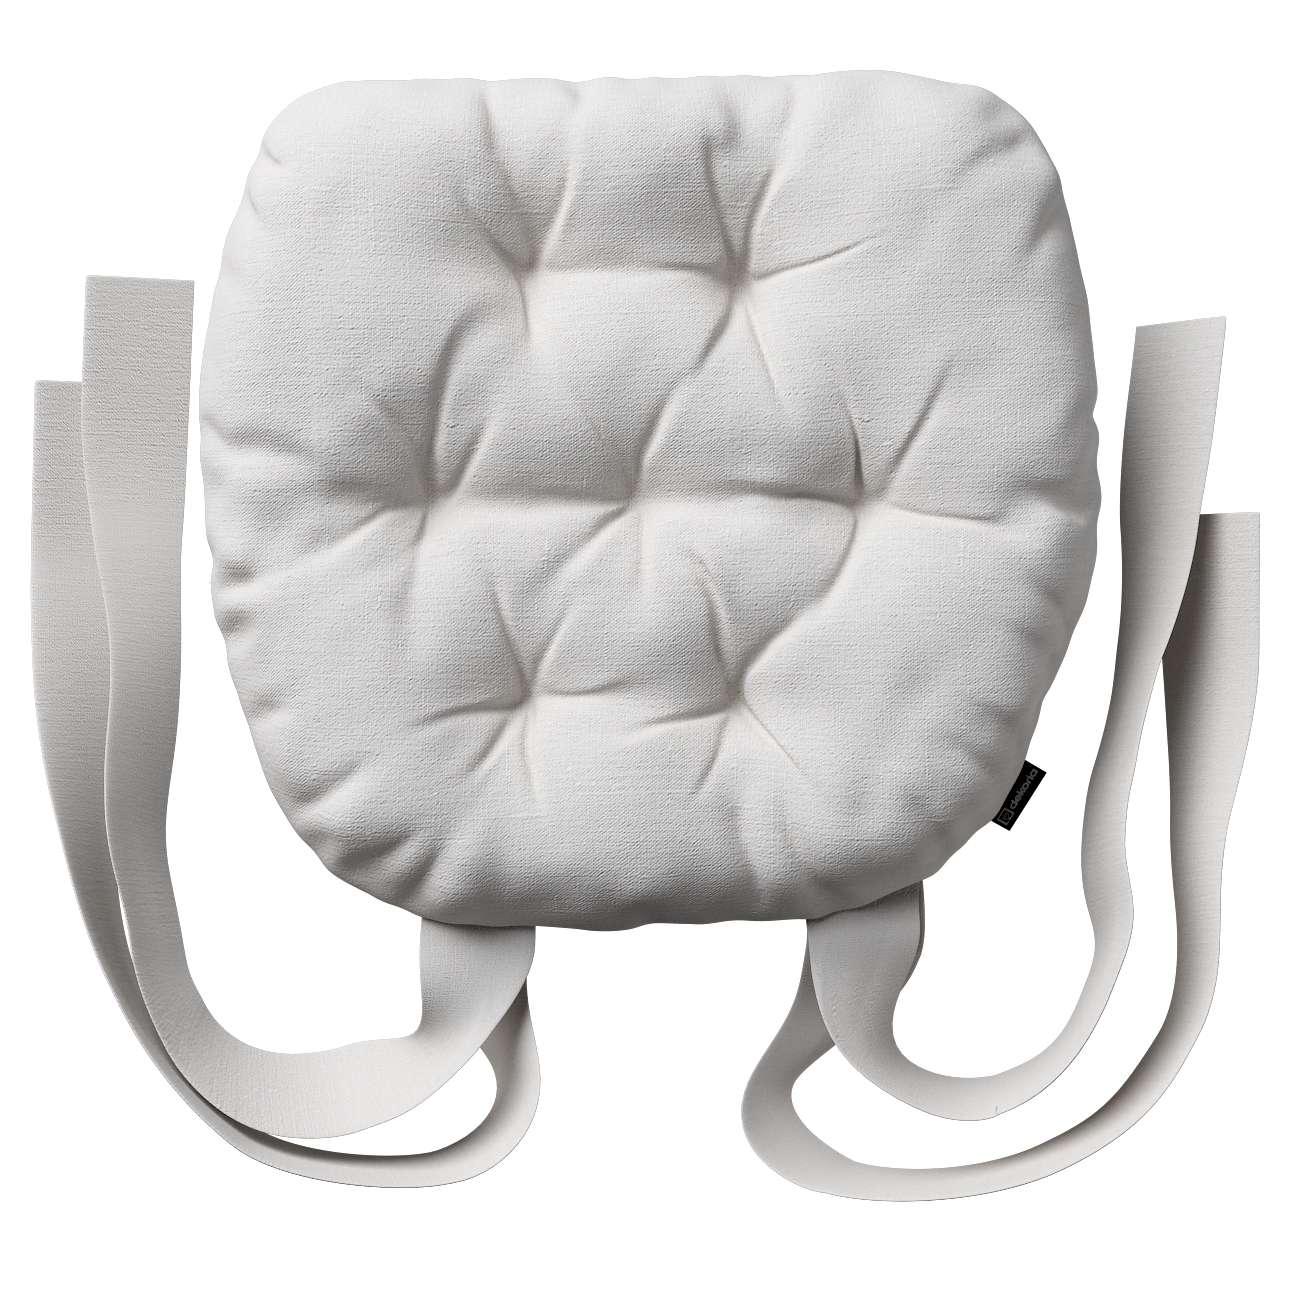 Siedzisko Marcin na krzesło 40x37x8cm w kolekcji Linen, tkanina: 392-04